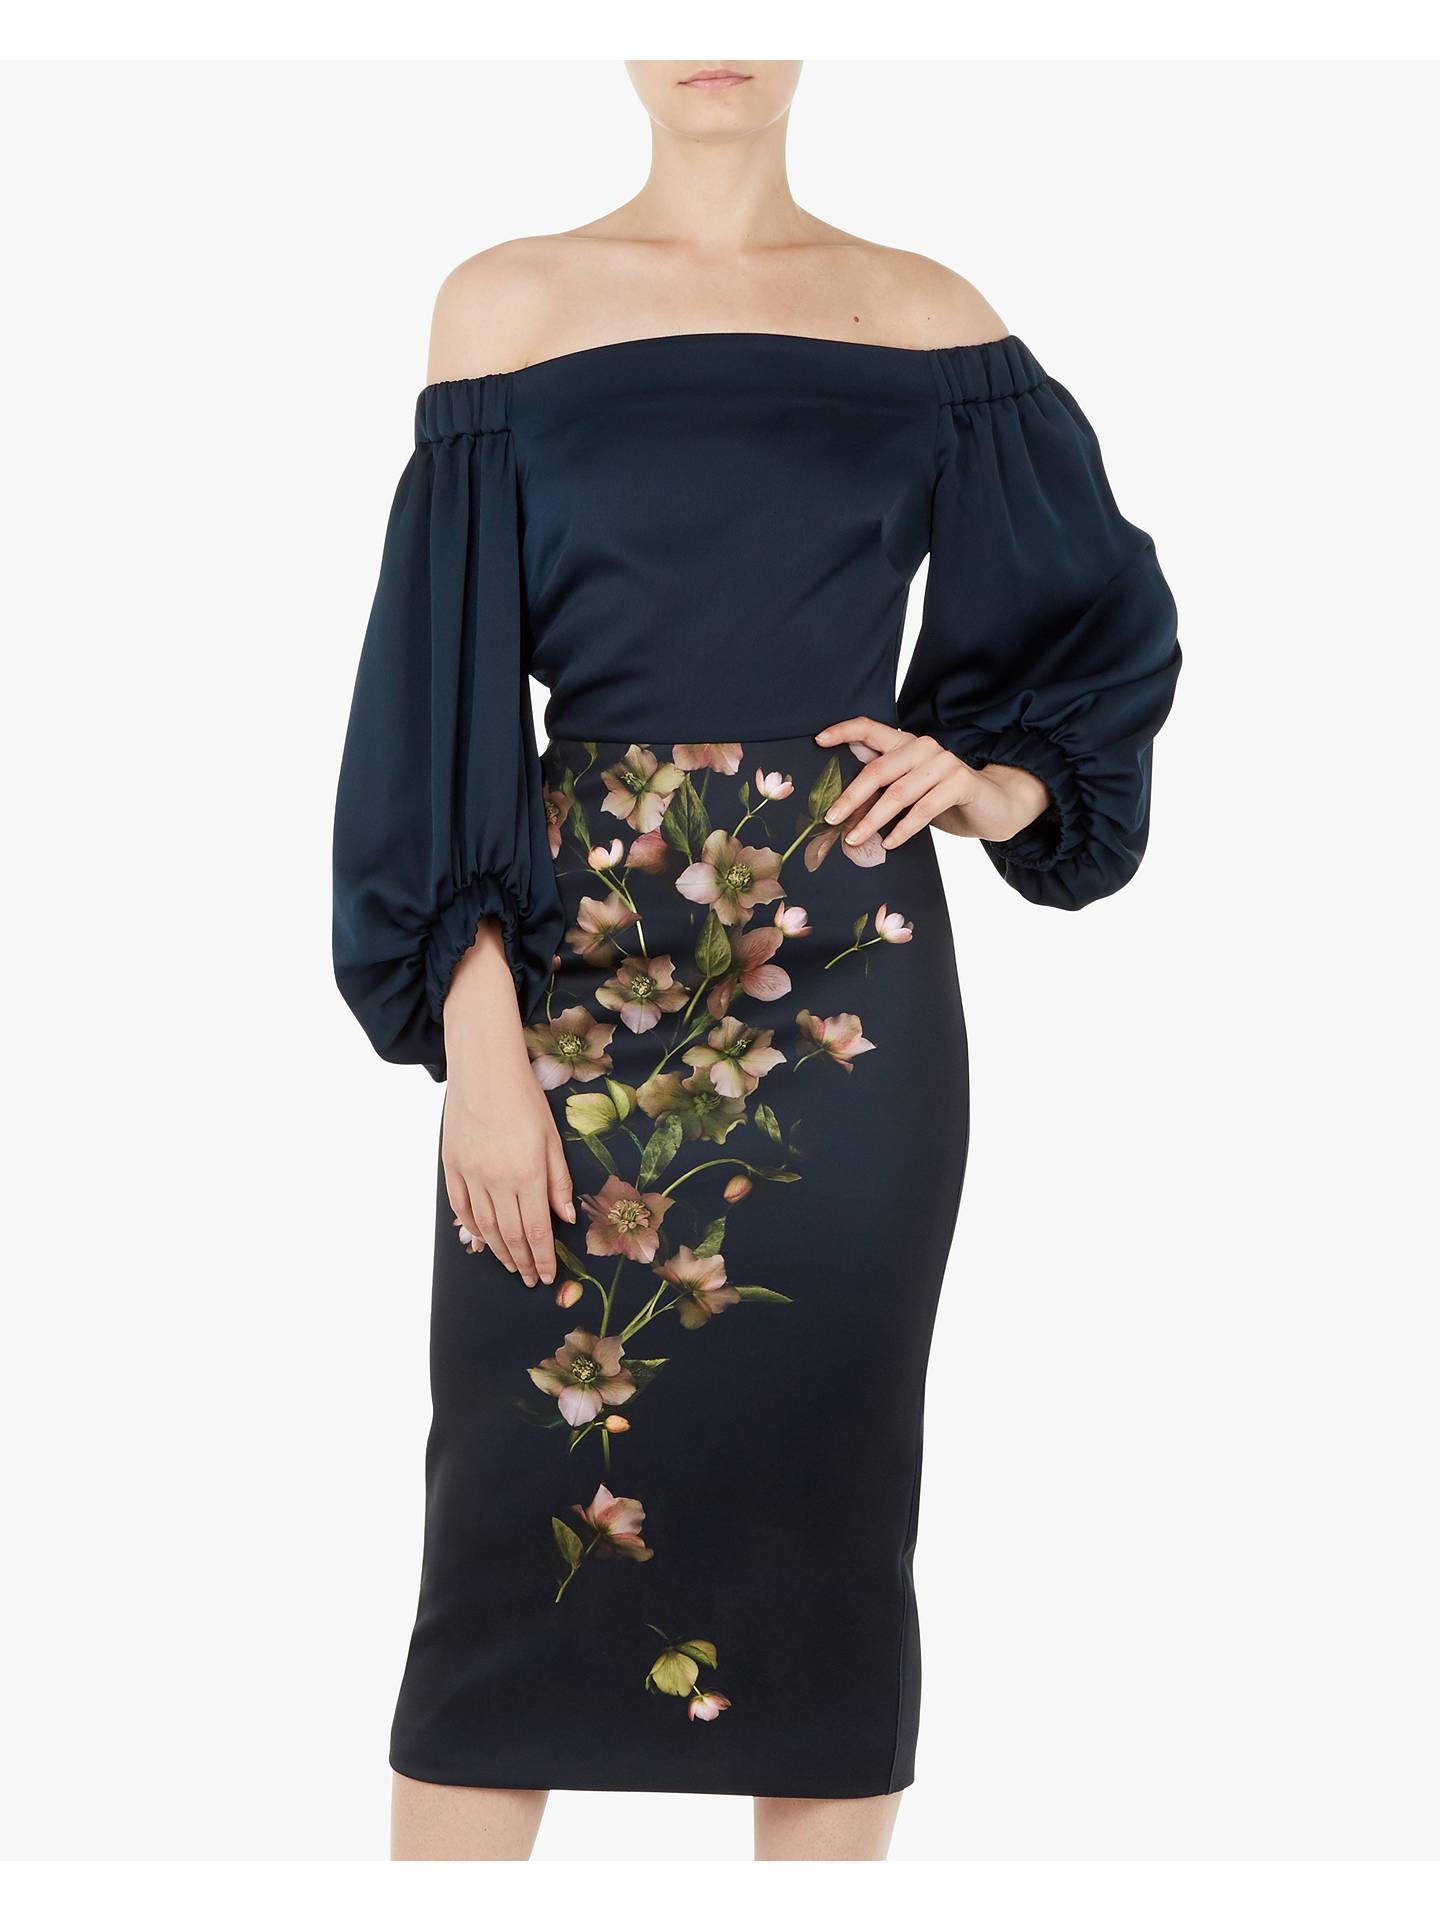 764f6958b3c81 Buy Ted Baker Beaa Soft Blossom Bardot Balloon Sleeve Dress